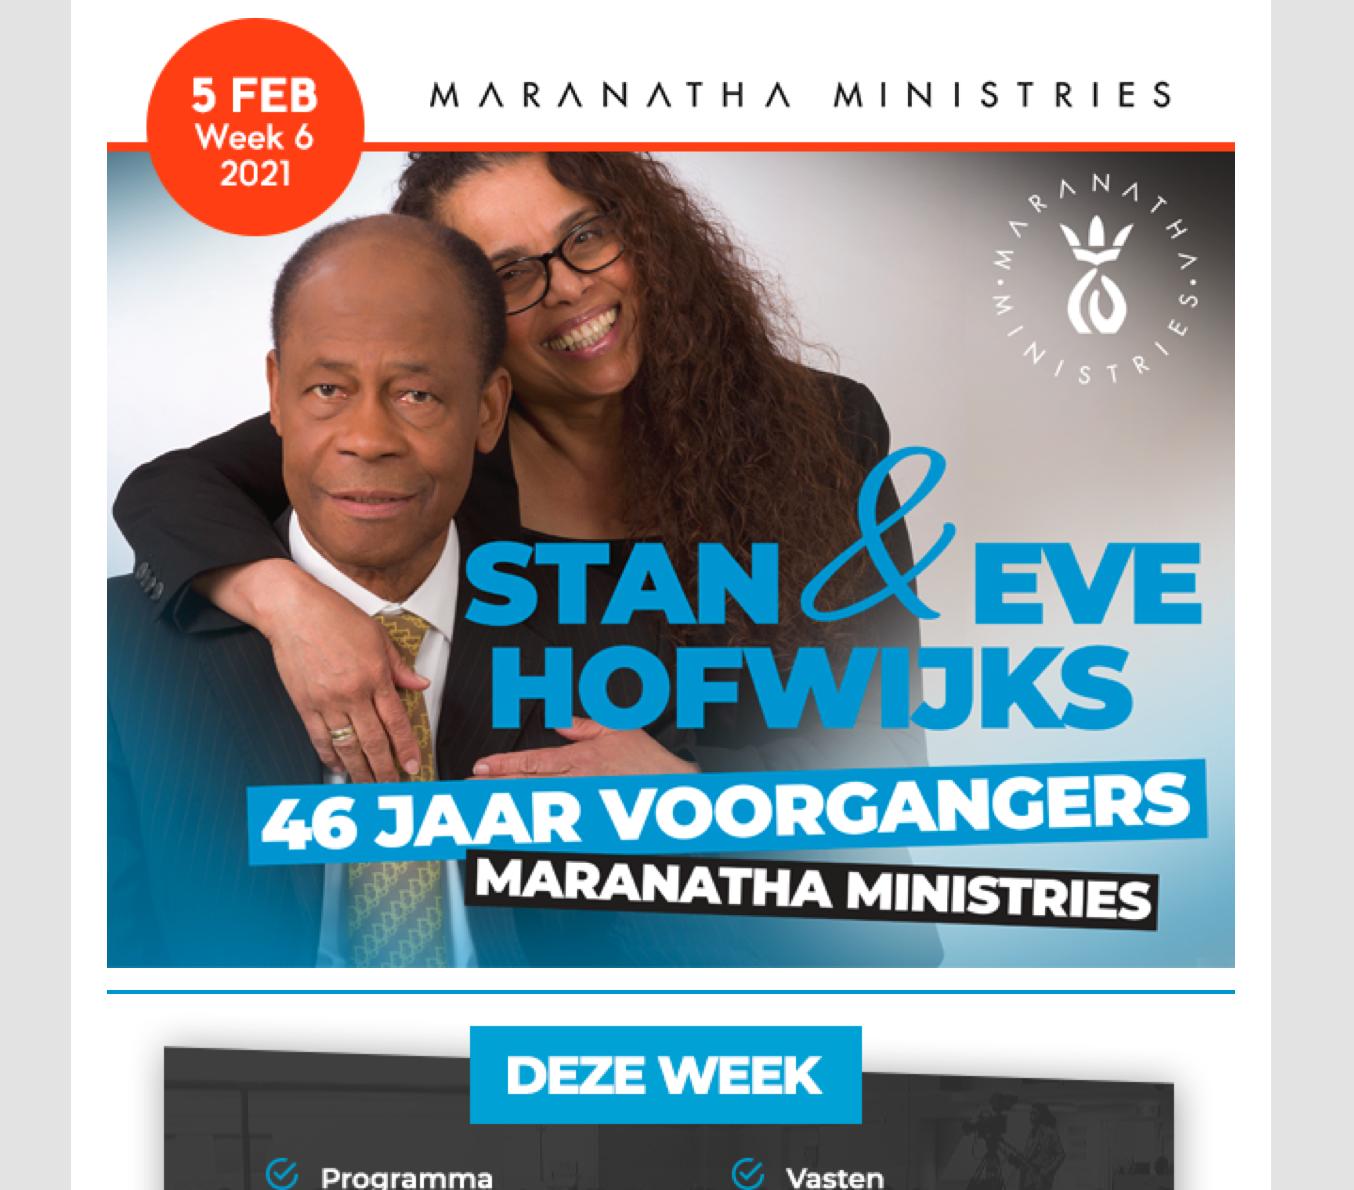 Maranatha eNews week 6, 2021